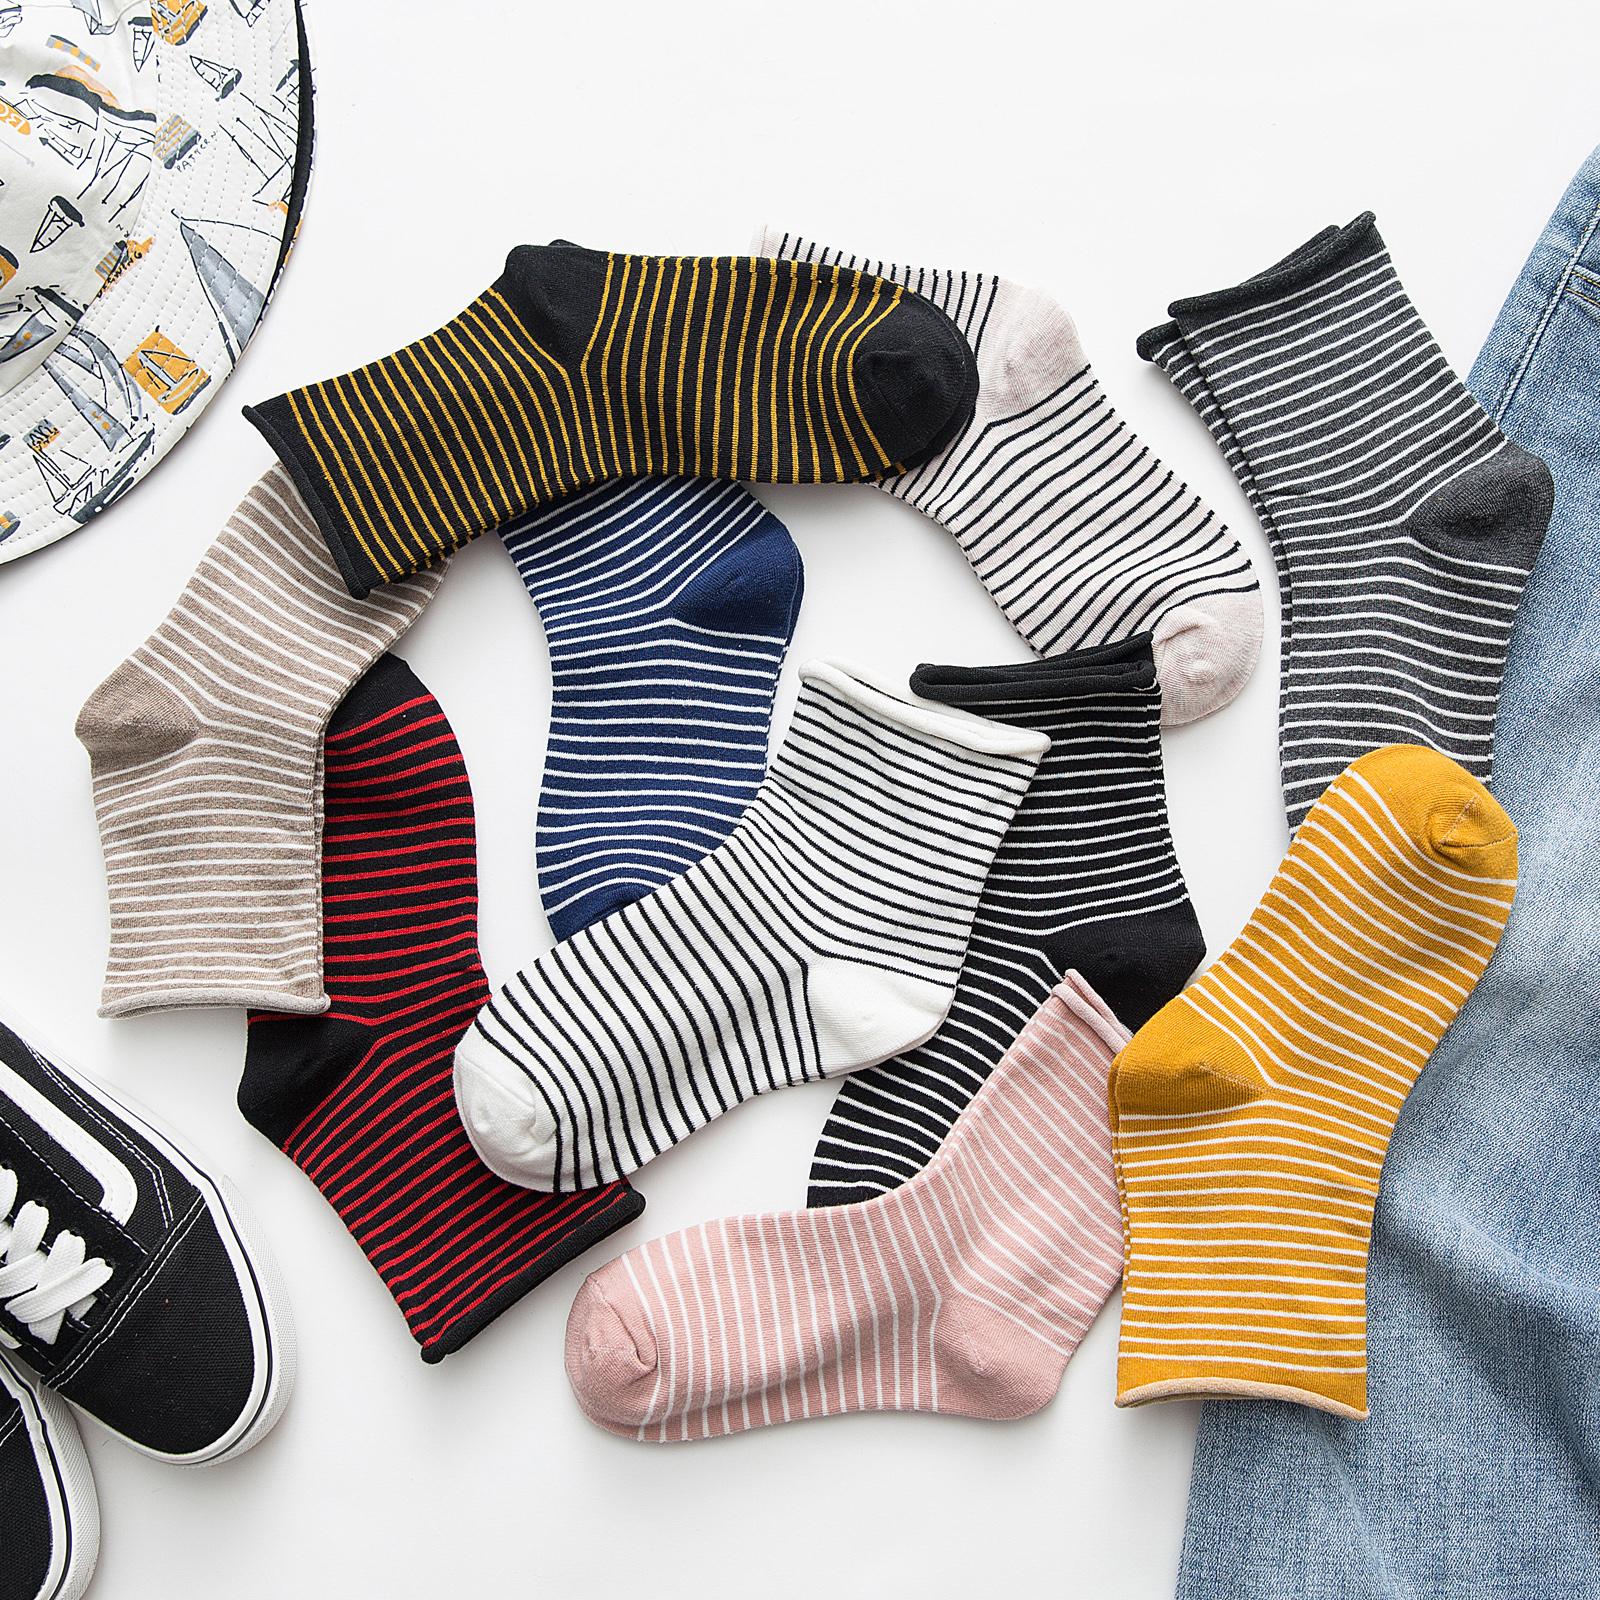 黑白条纹袜子女中筒袜ins潮韩国百搭日系中长袜潮街头秋冬堆堆袜